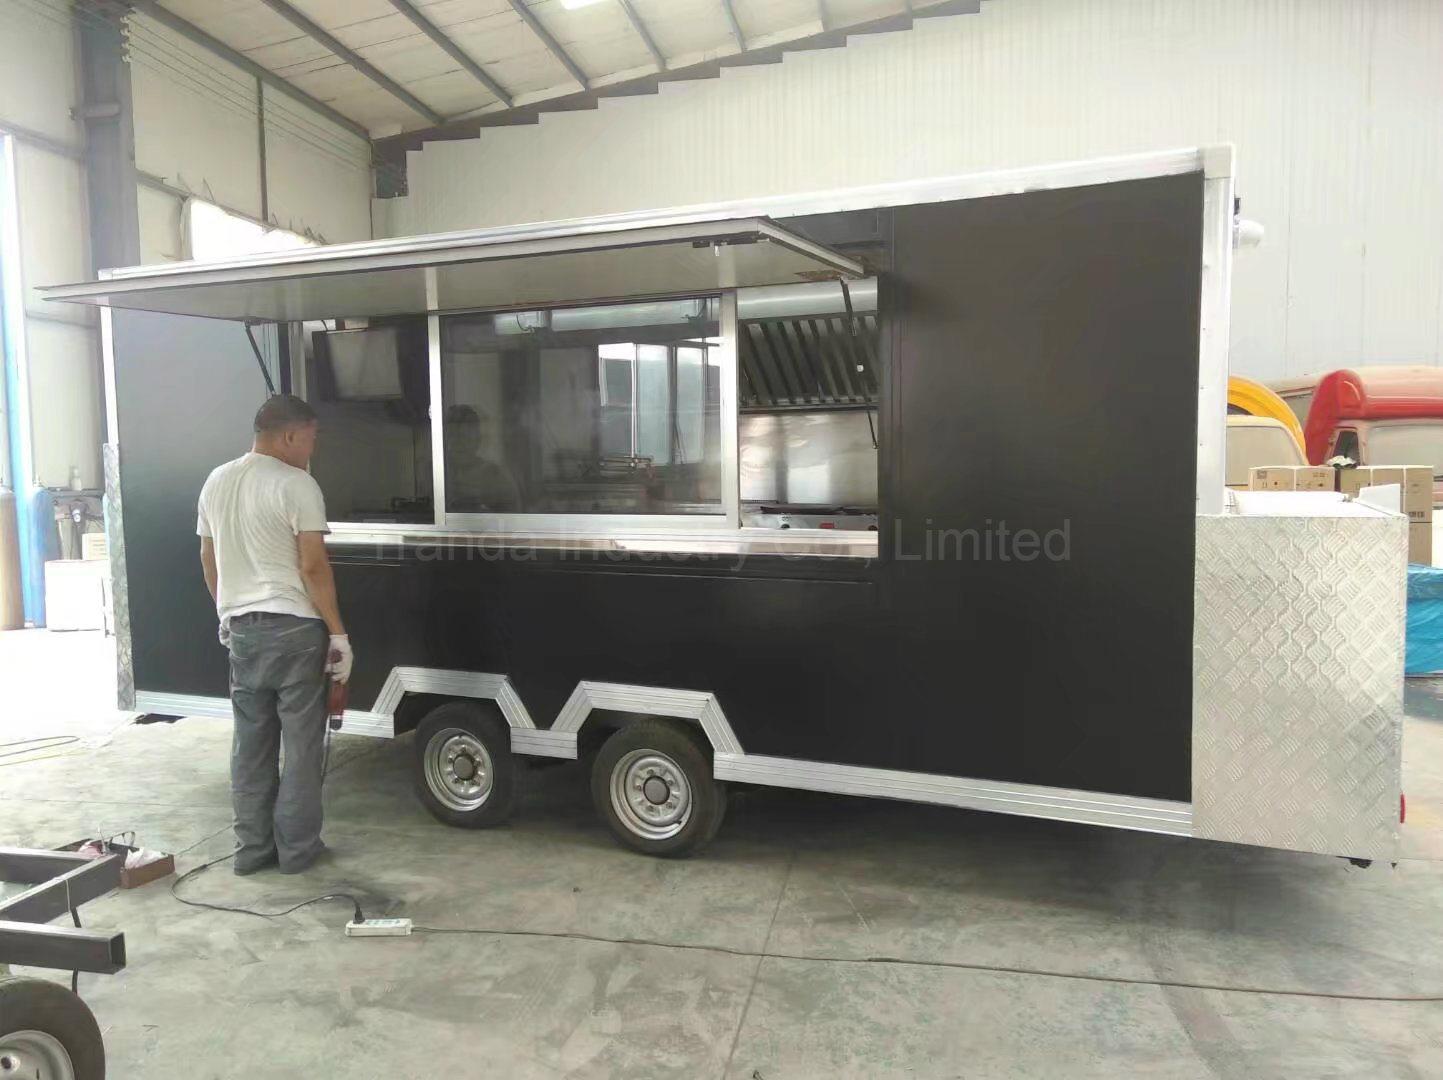 Fully Hot Dipped Galvanised Mobile Food Truck Trailers Van